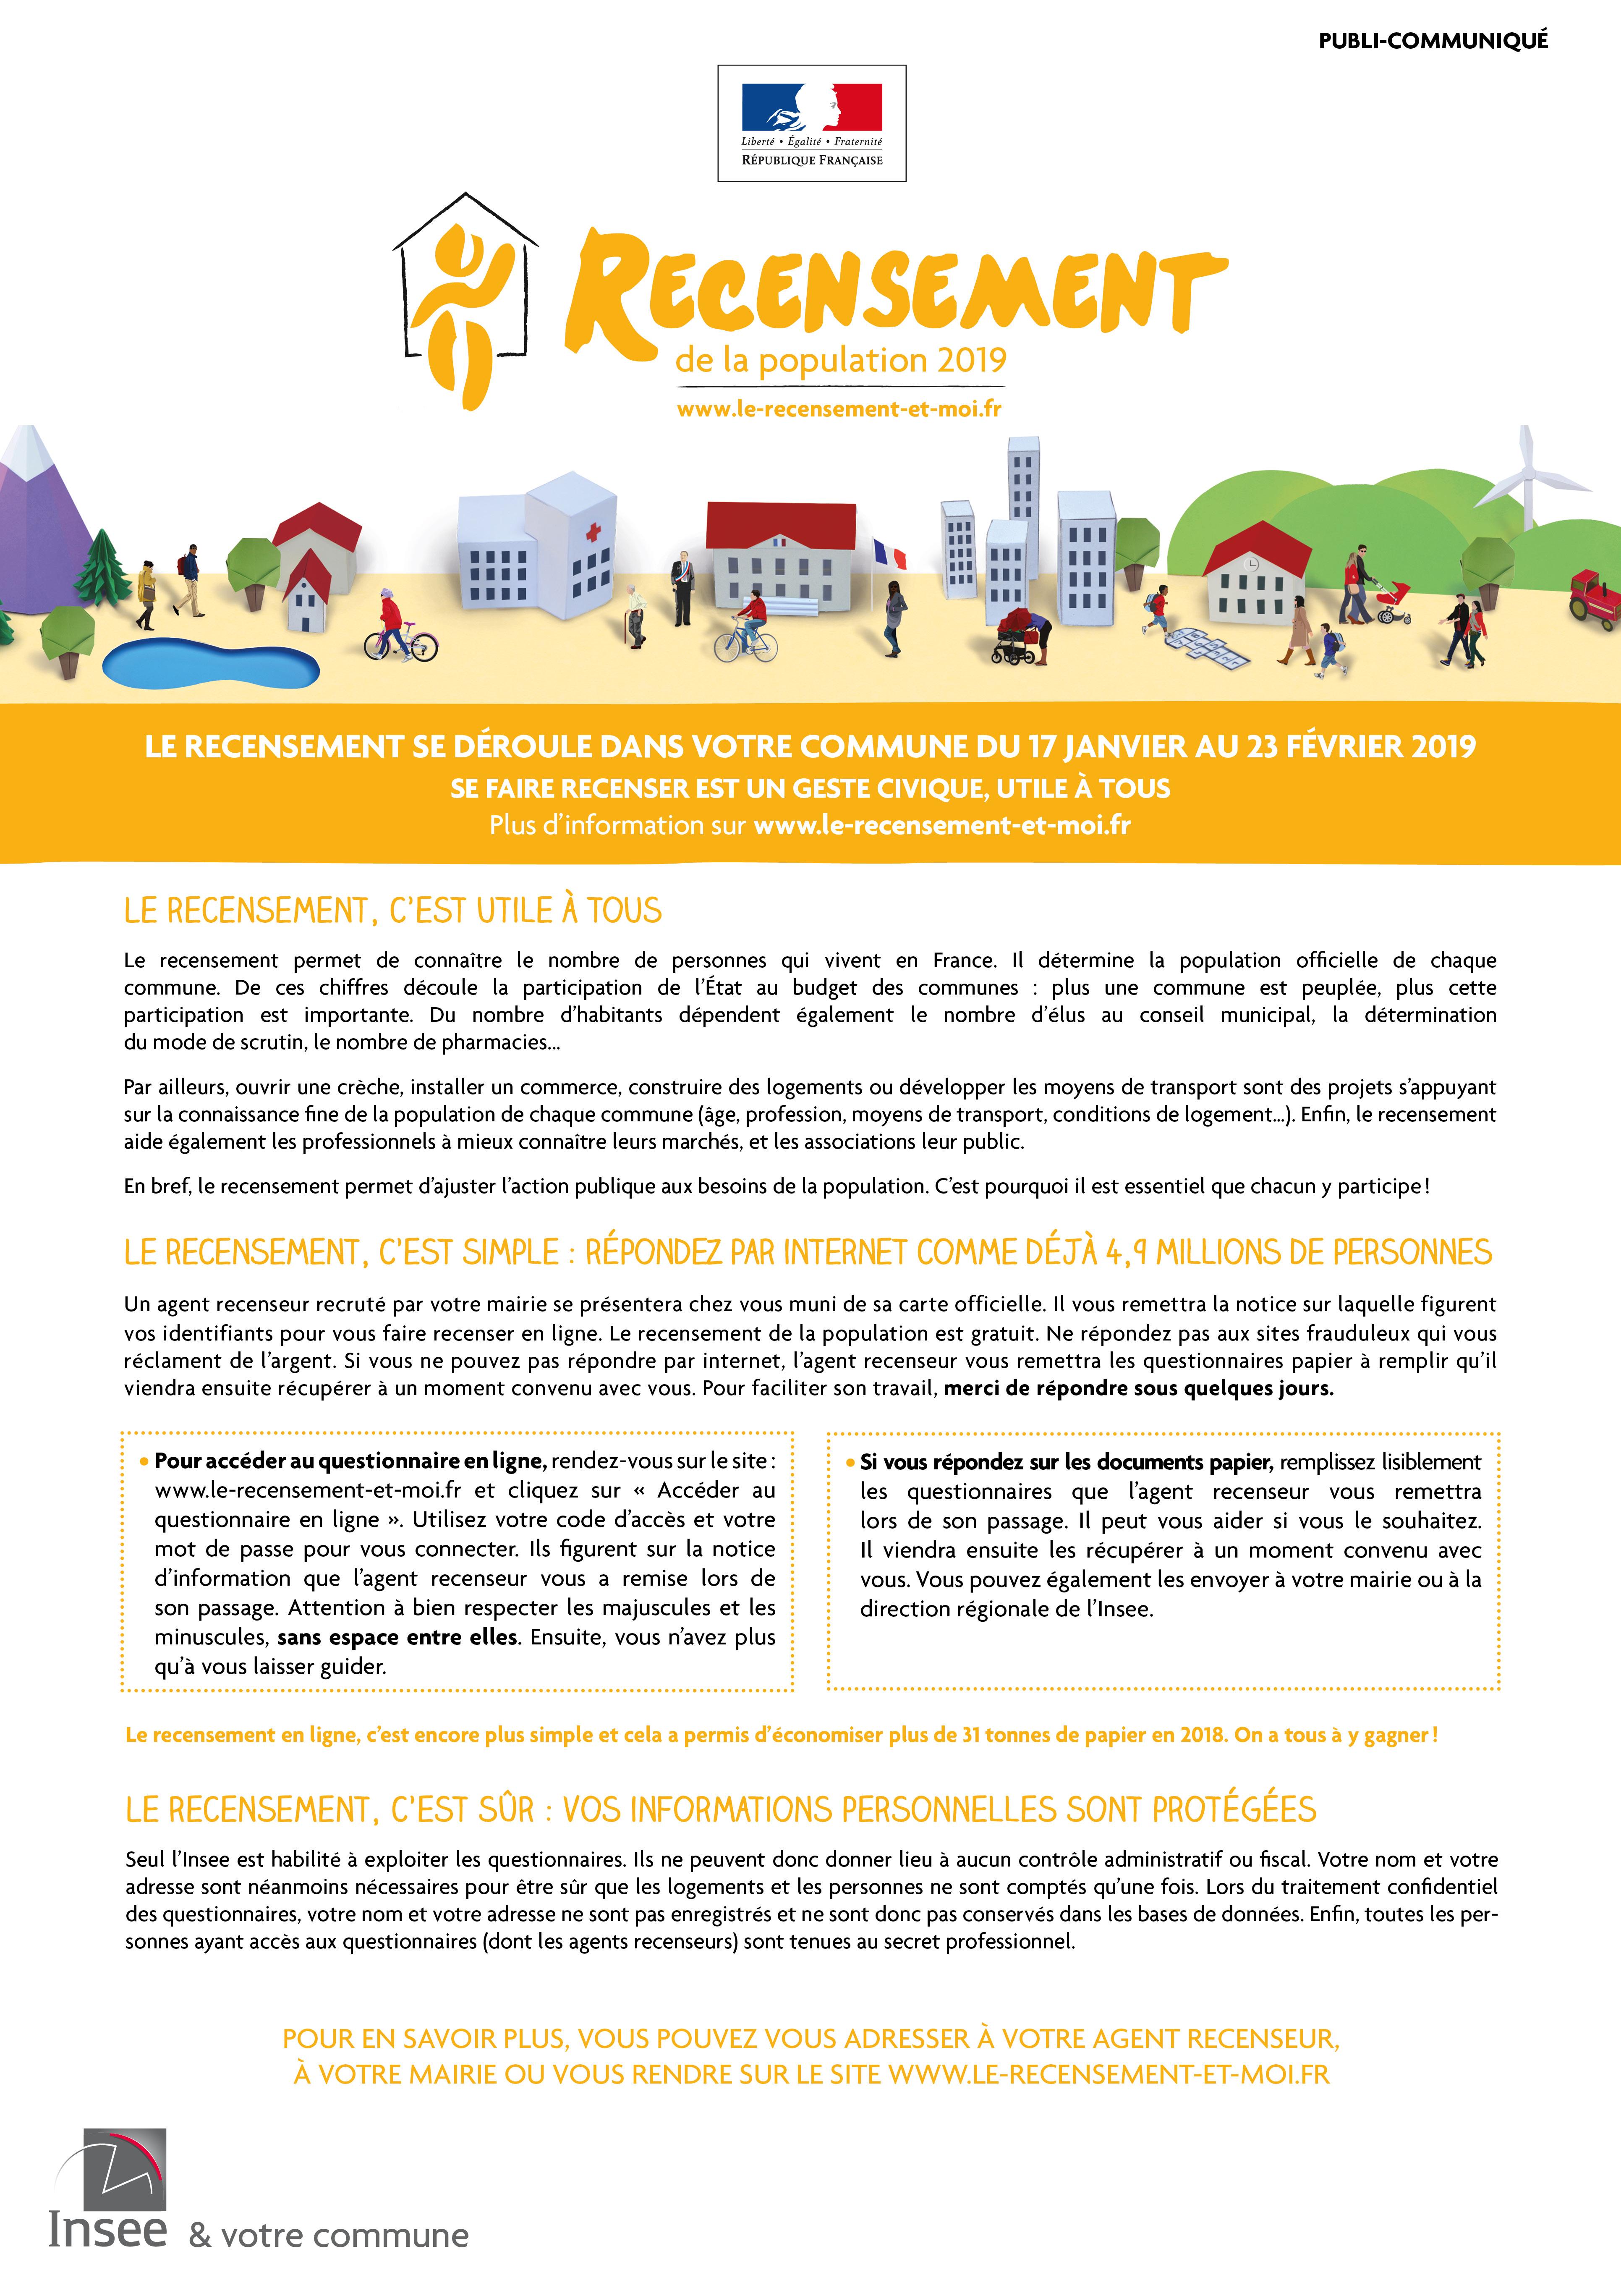 recensement-communique-gc-mag-digital.jpg